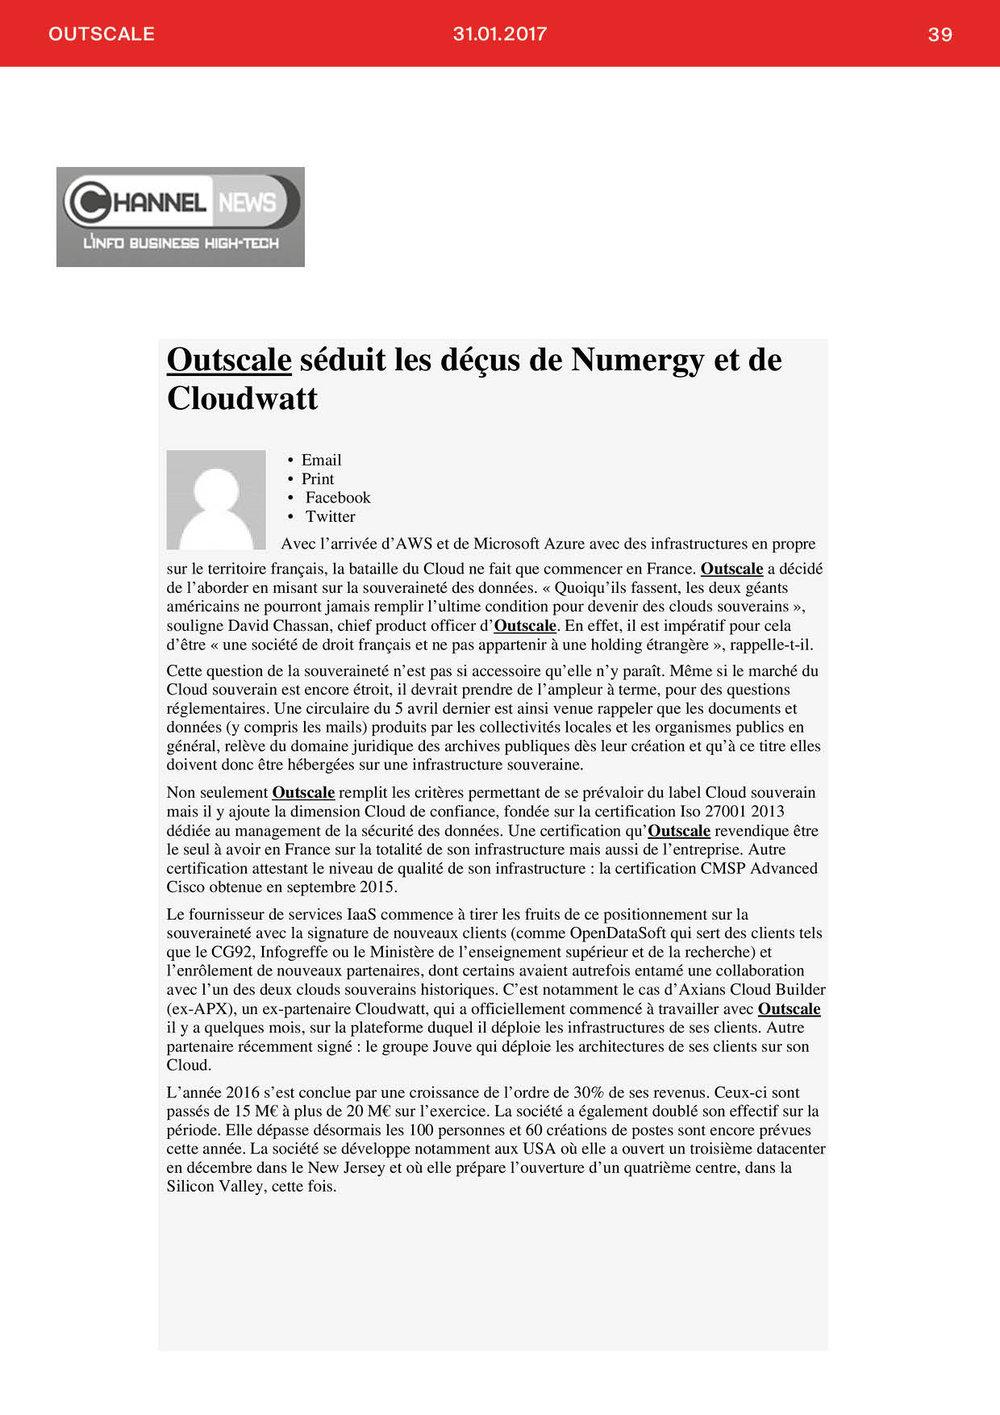 BOOKMEDIA_FEV_WEB39.jpg